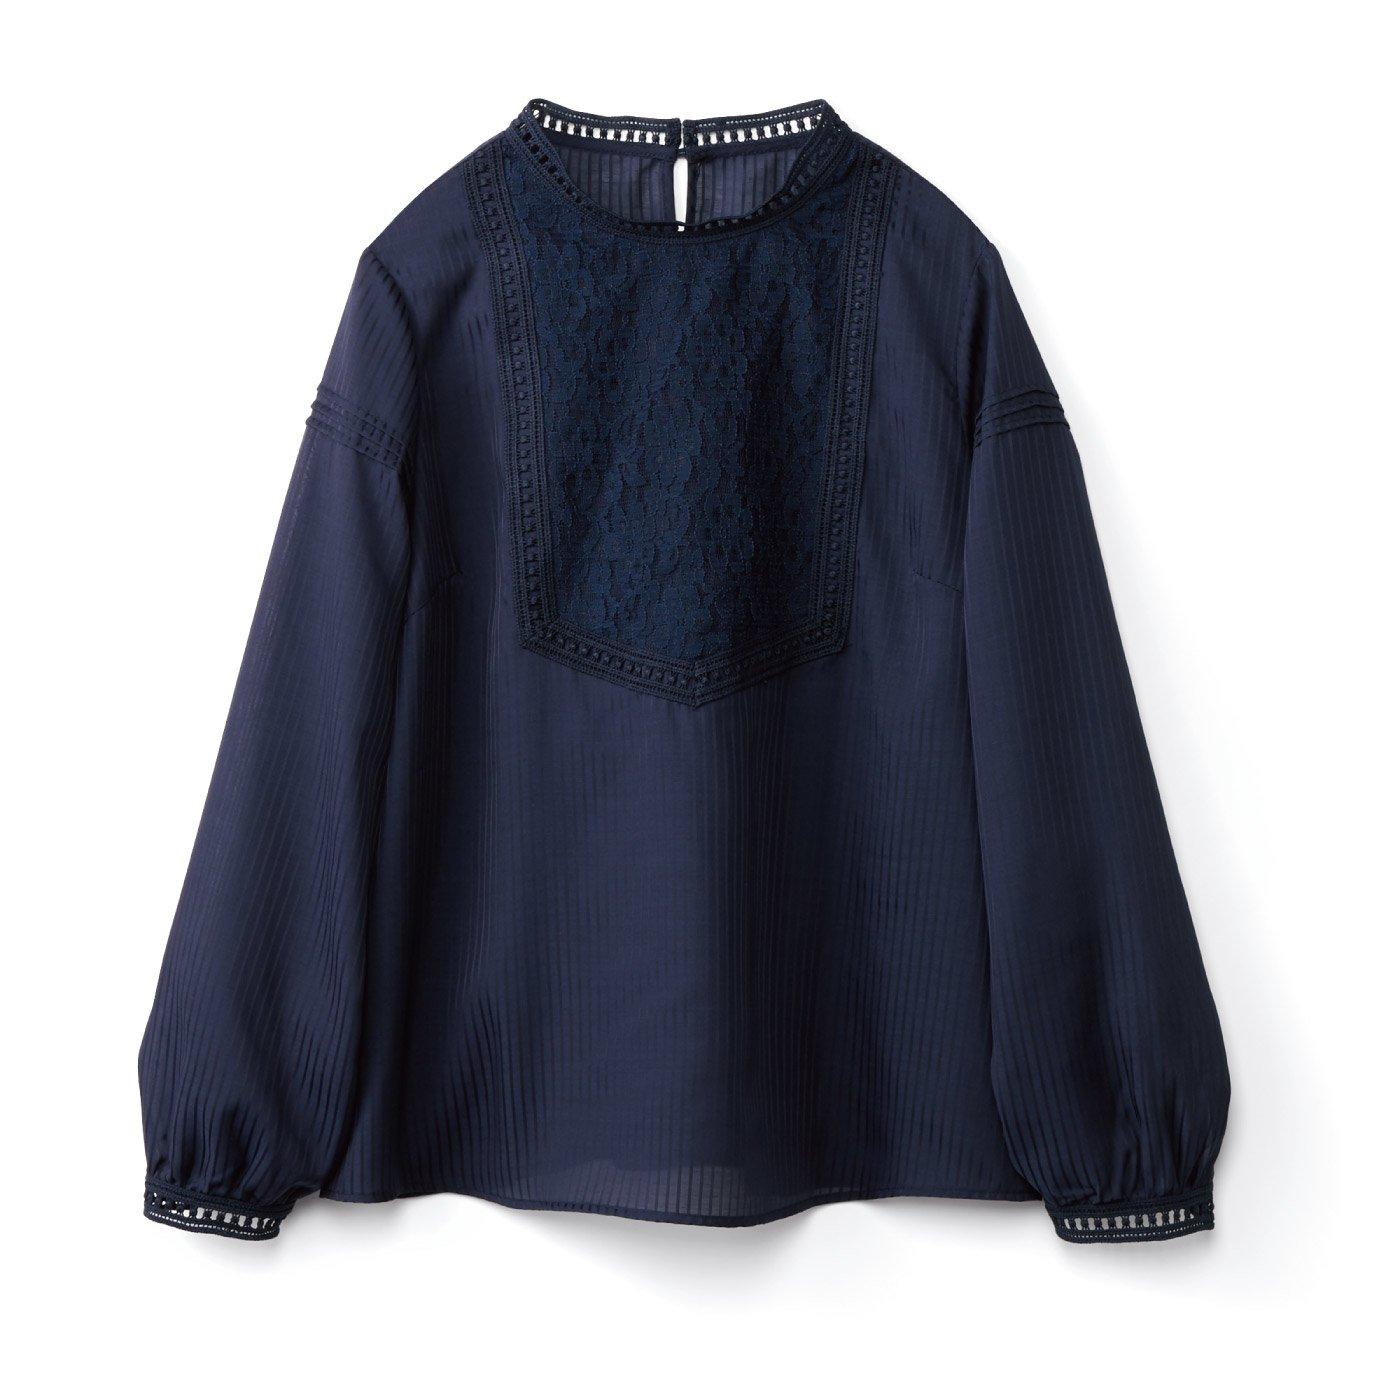 【3~10日でお届け】IEDIT[イディット] ストライプの織り柄素材のアンティーク風レース遣いブラウス〈ネイビー〉